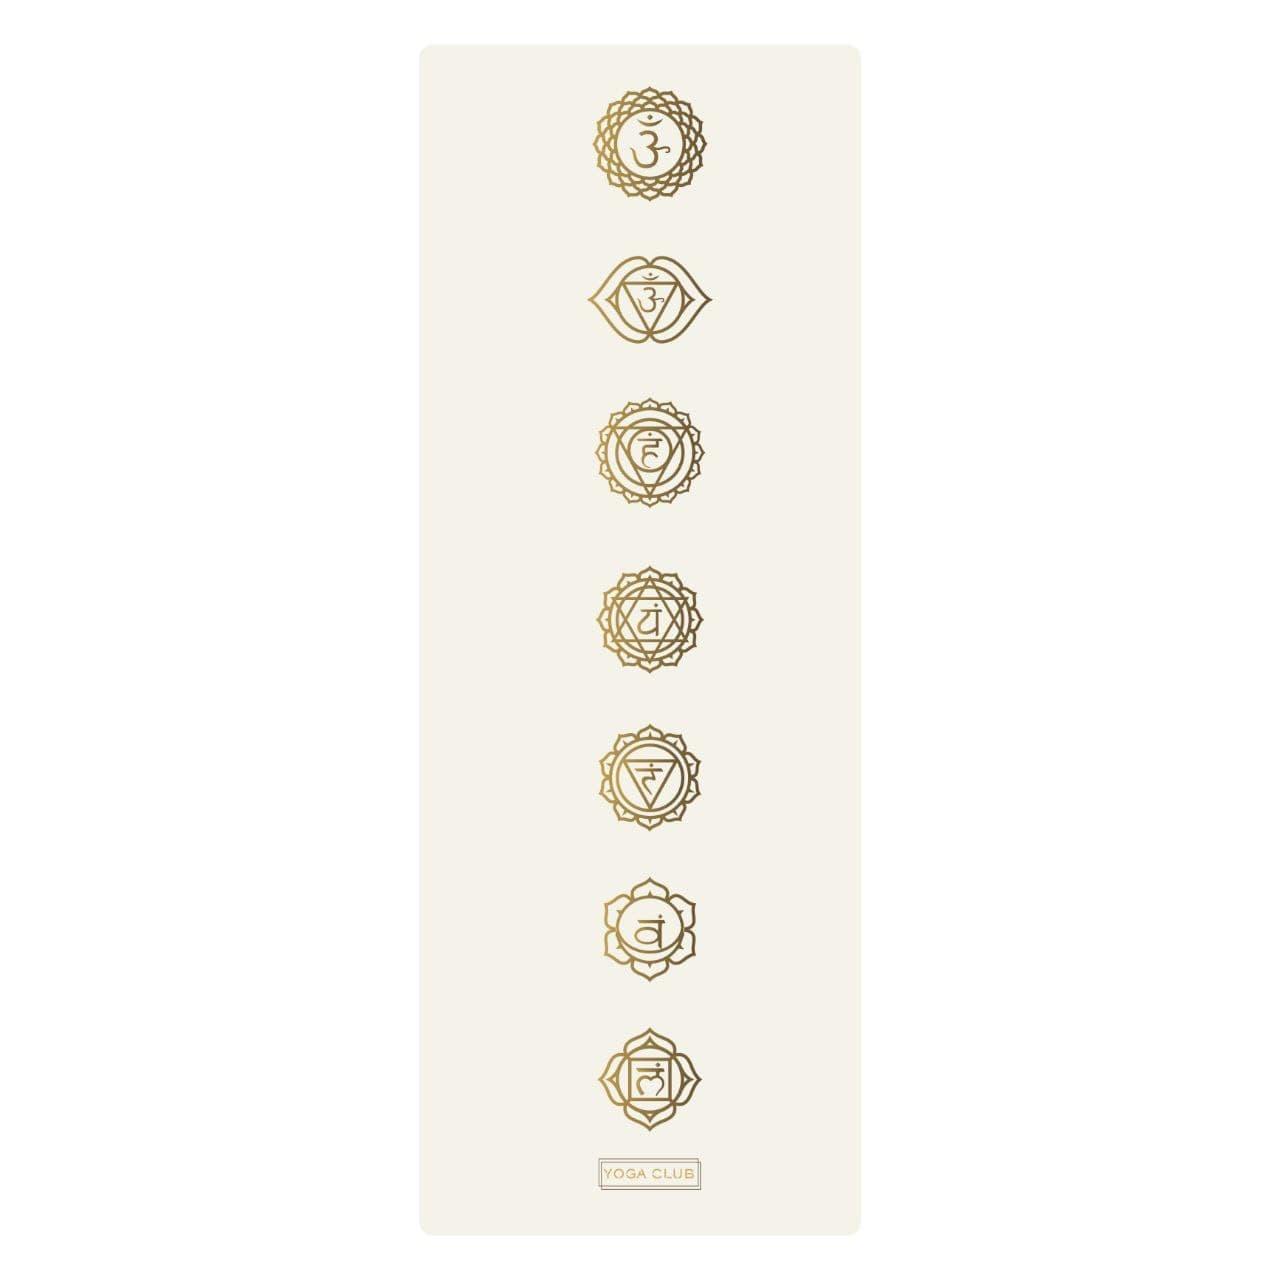 Коврик для йоги CHAKRAS GOLD WHITE 4,5мм 68x185см Yoga Club из каучука с покрытием non slip